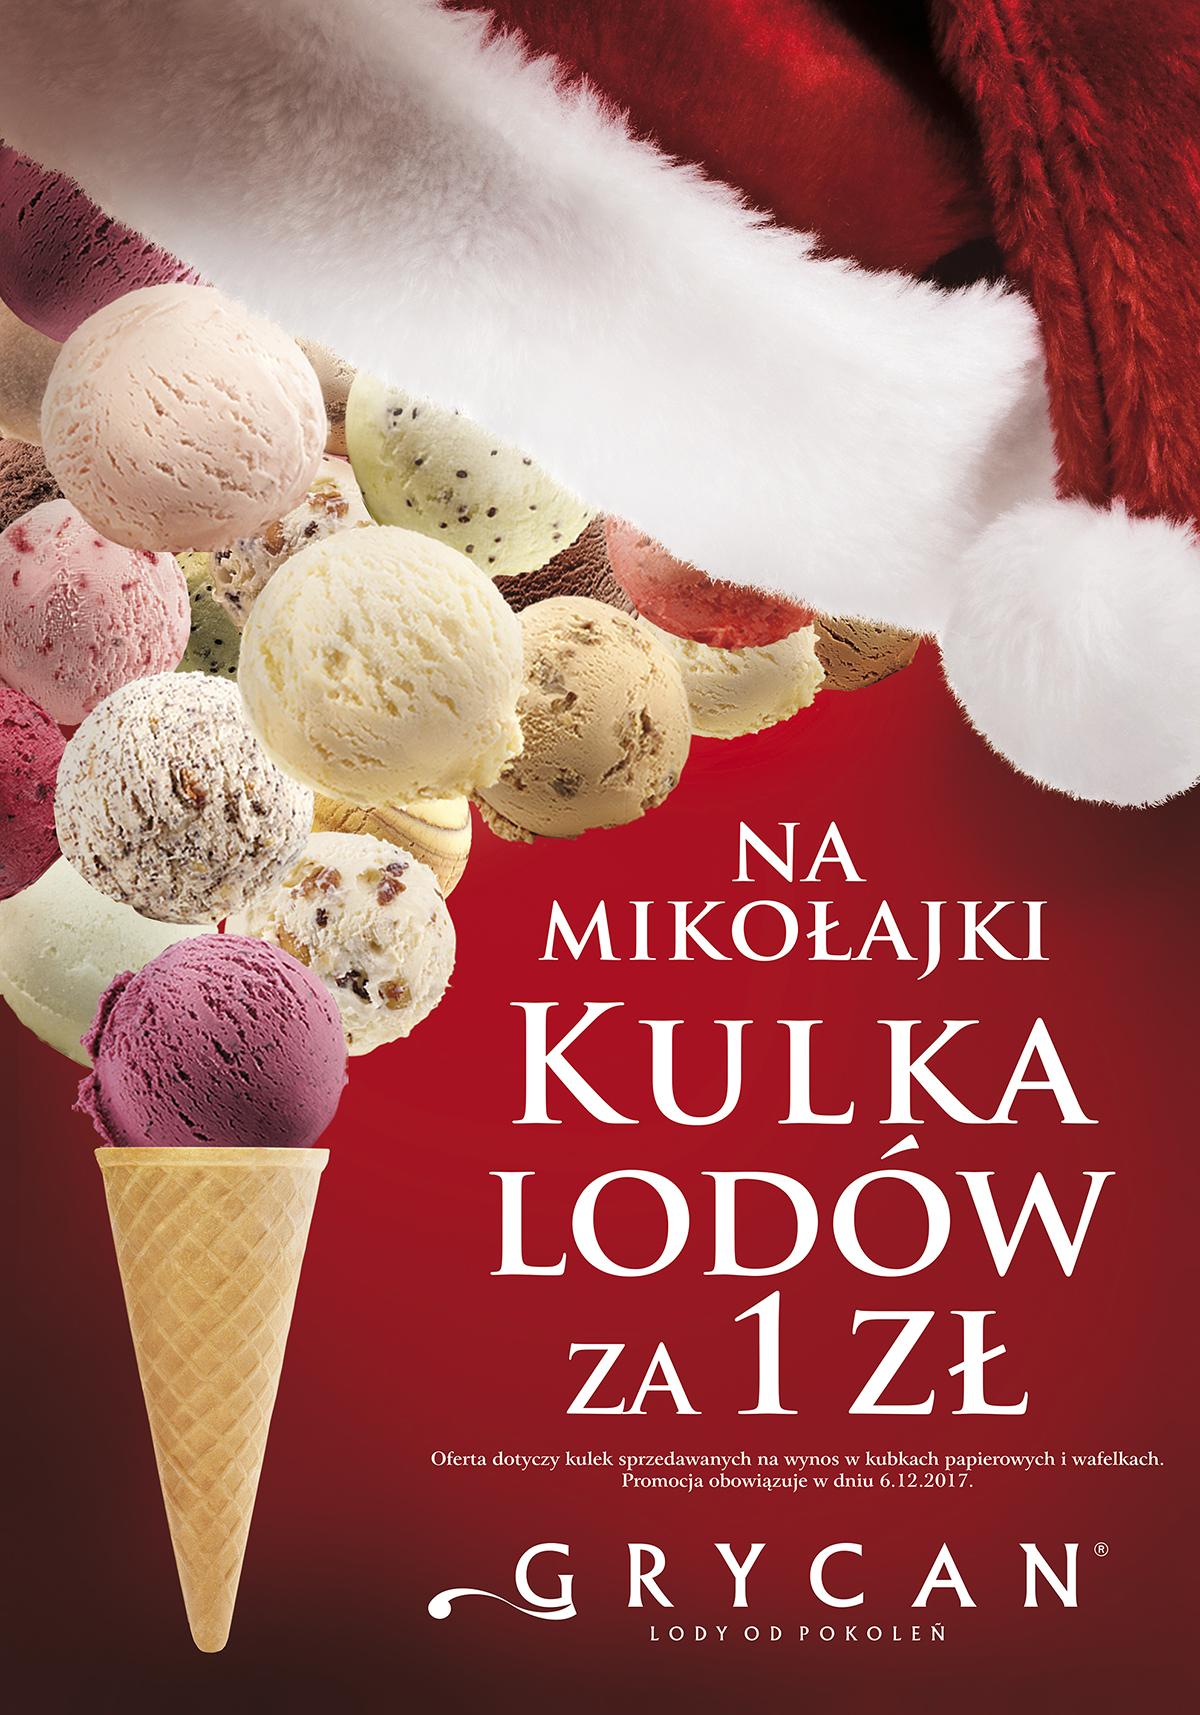 W dniu 6 grudnia zapraszamy do lodziarnio-kawiarni GRYCAN LODY OD POKOLEŃ na kulkę lodów za złotówkę.